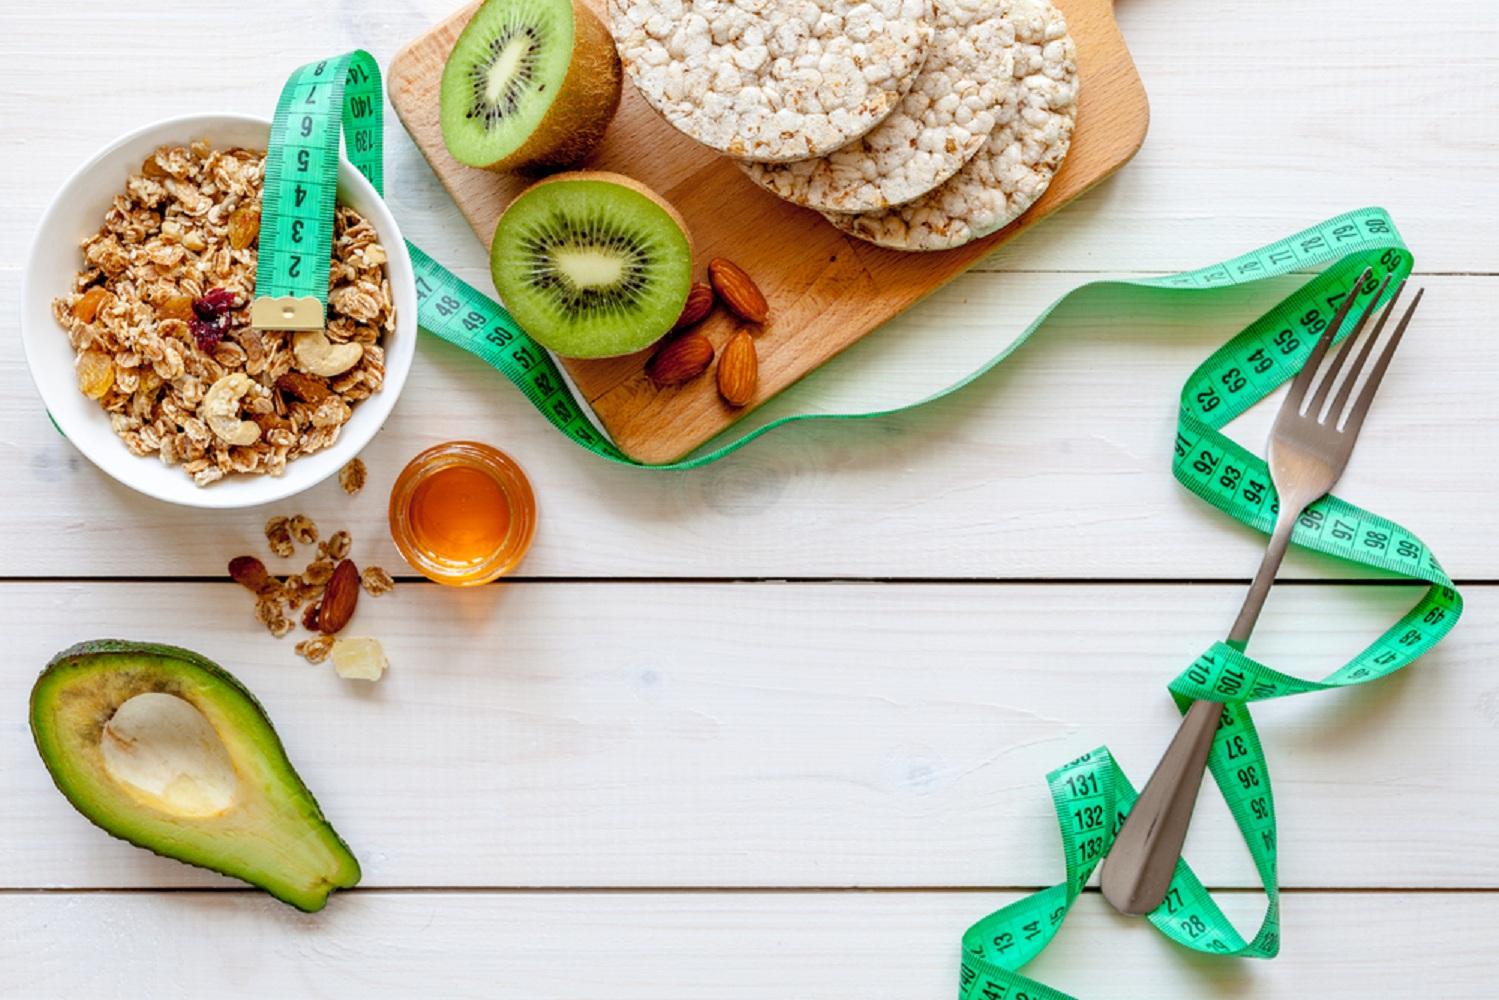 ce pot mânca pentru a pierde în greutate